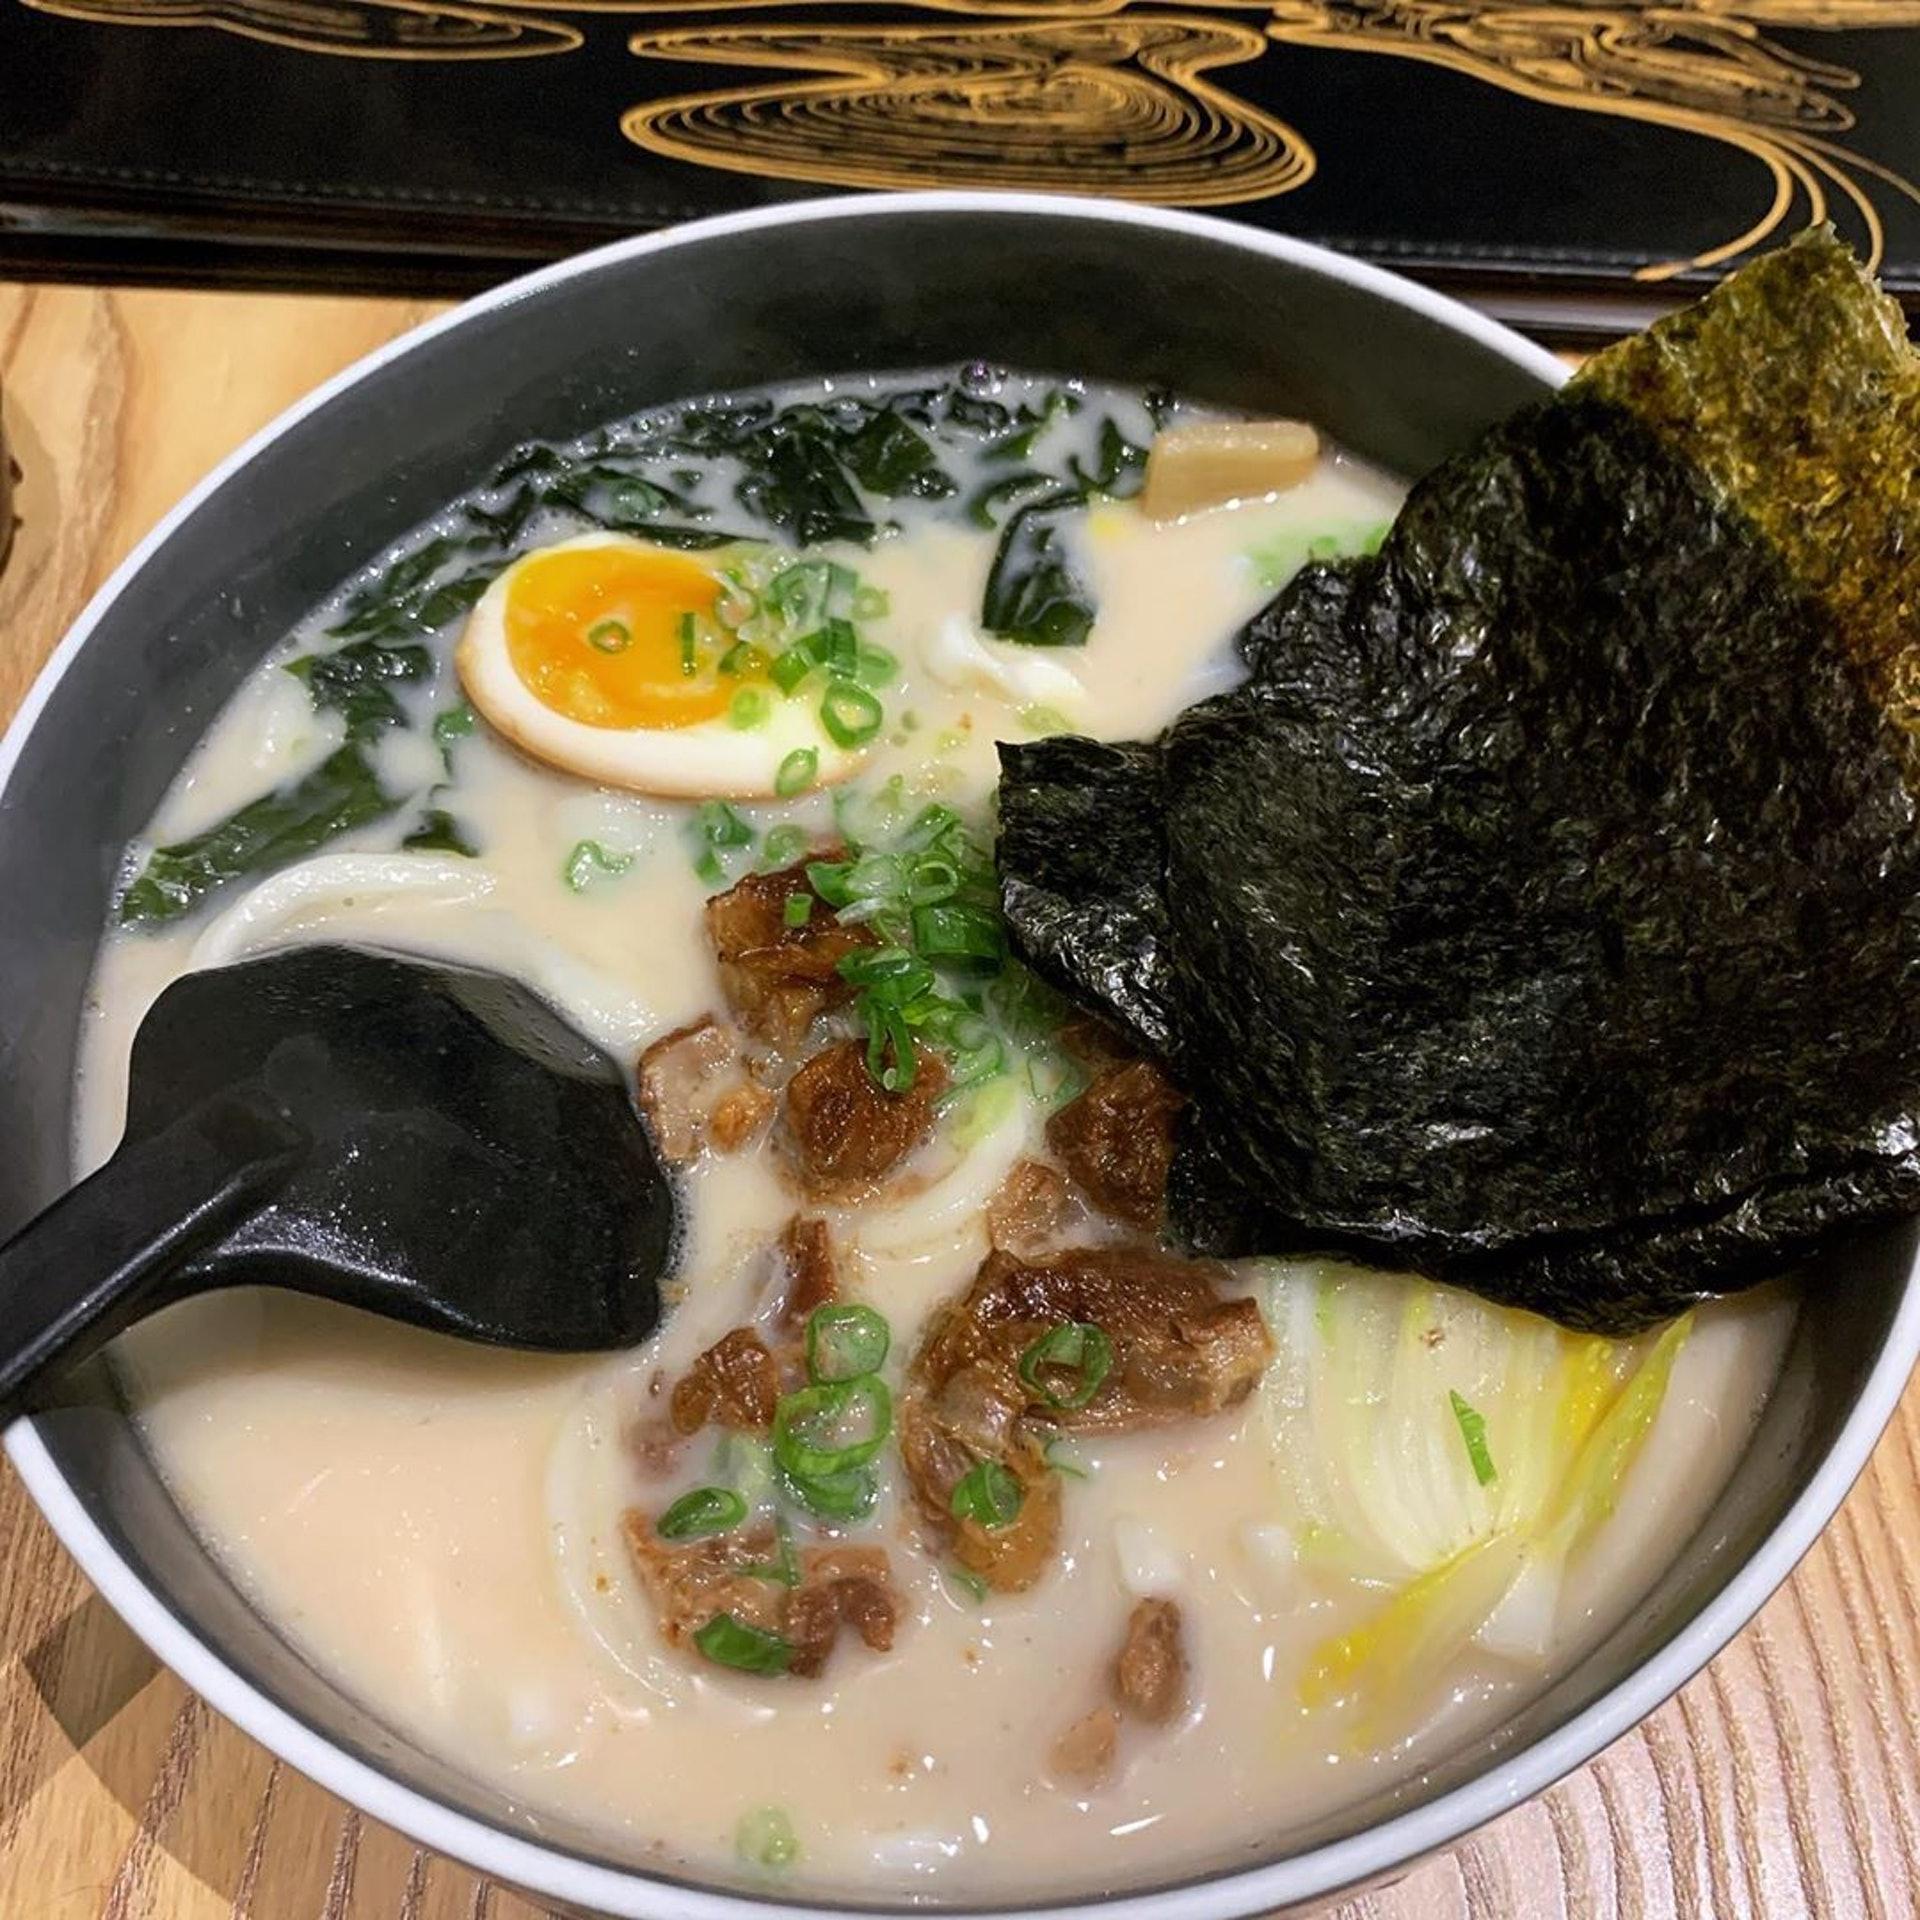 【2.1】主打文青路線的初見創作料理,平時幾乎都要排隊,因為食物多樣化且有保證,而且都像藝術品一樣。(Instagram @fat_a_foodie)